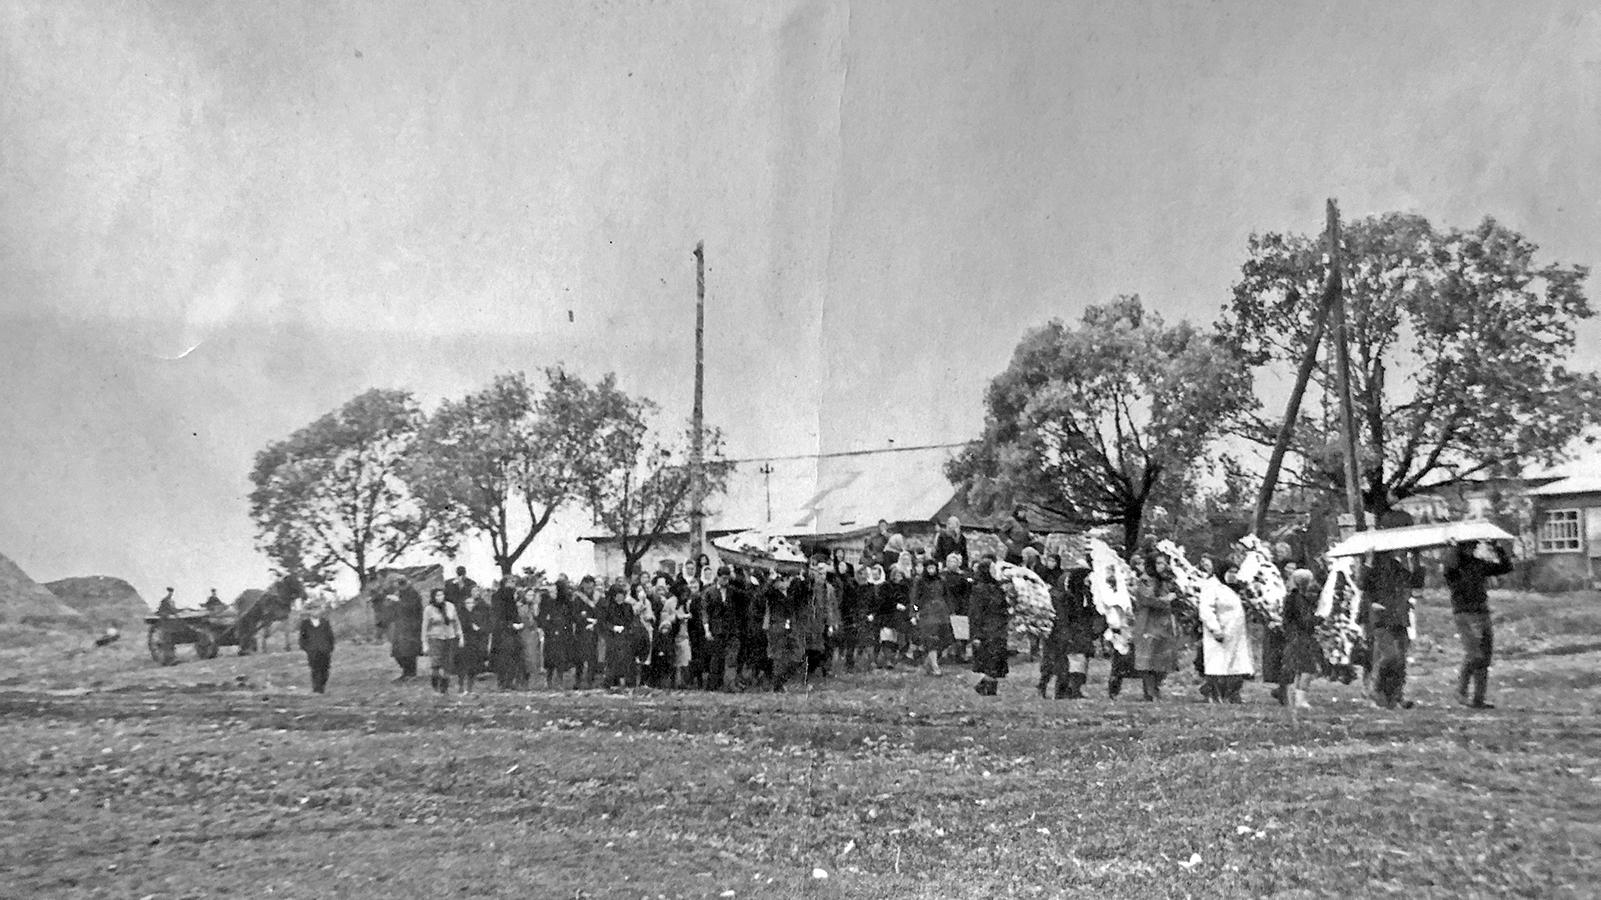 Фото с похорон прадеда, на втором плане виден его дом.